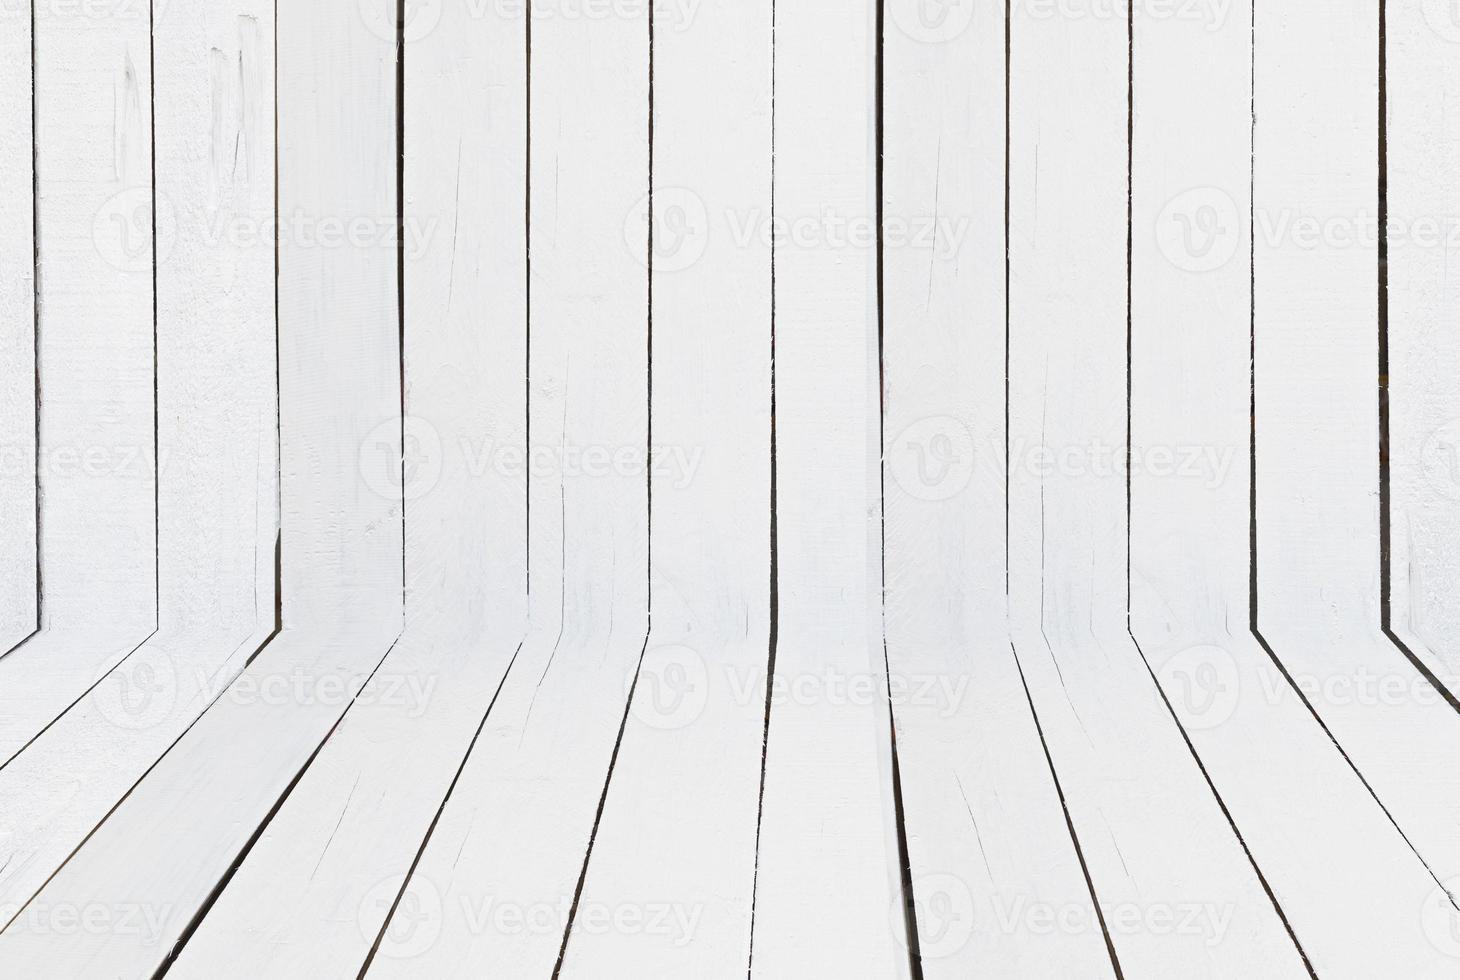 vecchio fondo di legno bianco della parete di struttura foto